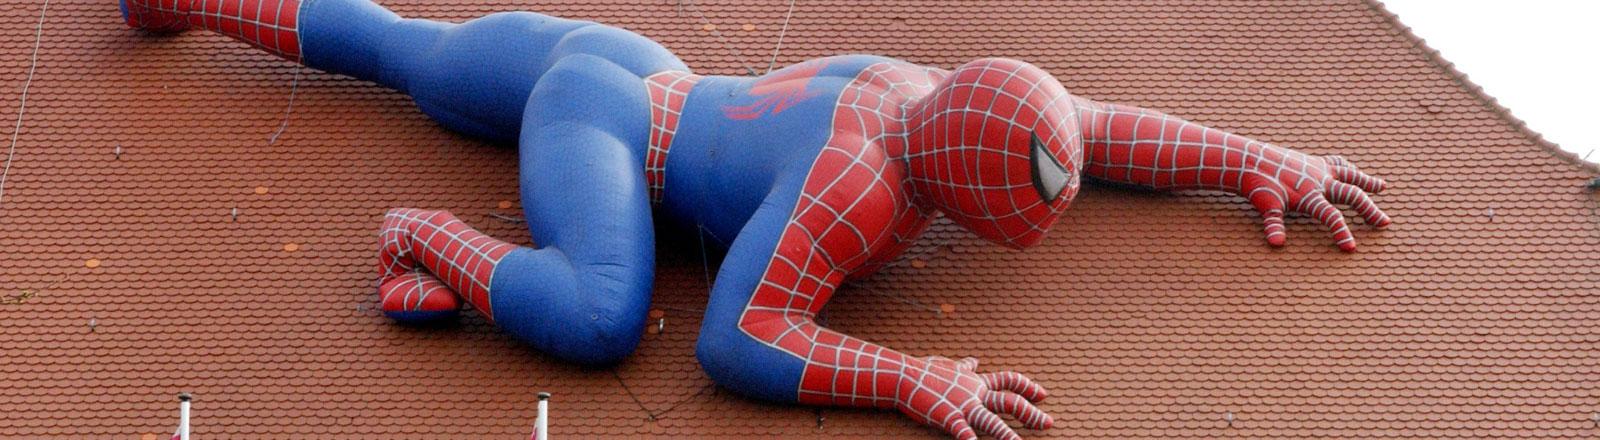 Eine Videothek in Stuttgart auf deren Dach eine Spiderman-Figur liegt. Die Spiderman-Figur ist nach Angaben des Videoverleihers ein Unikat und die größte weltweit.